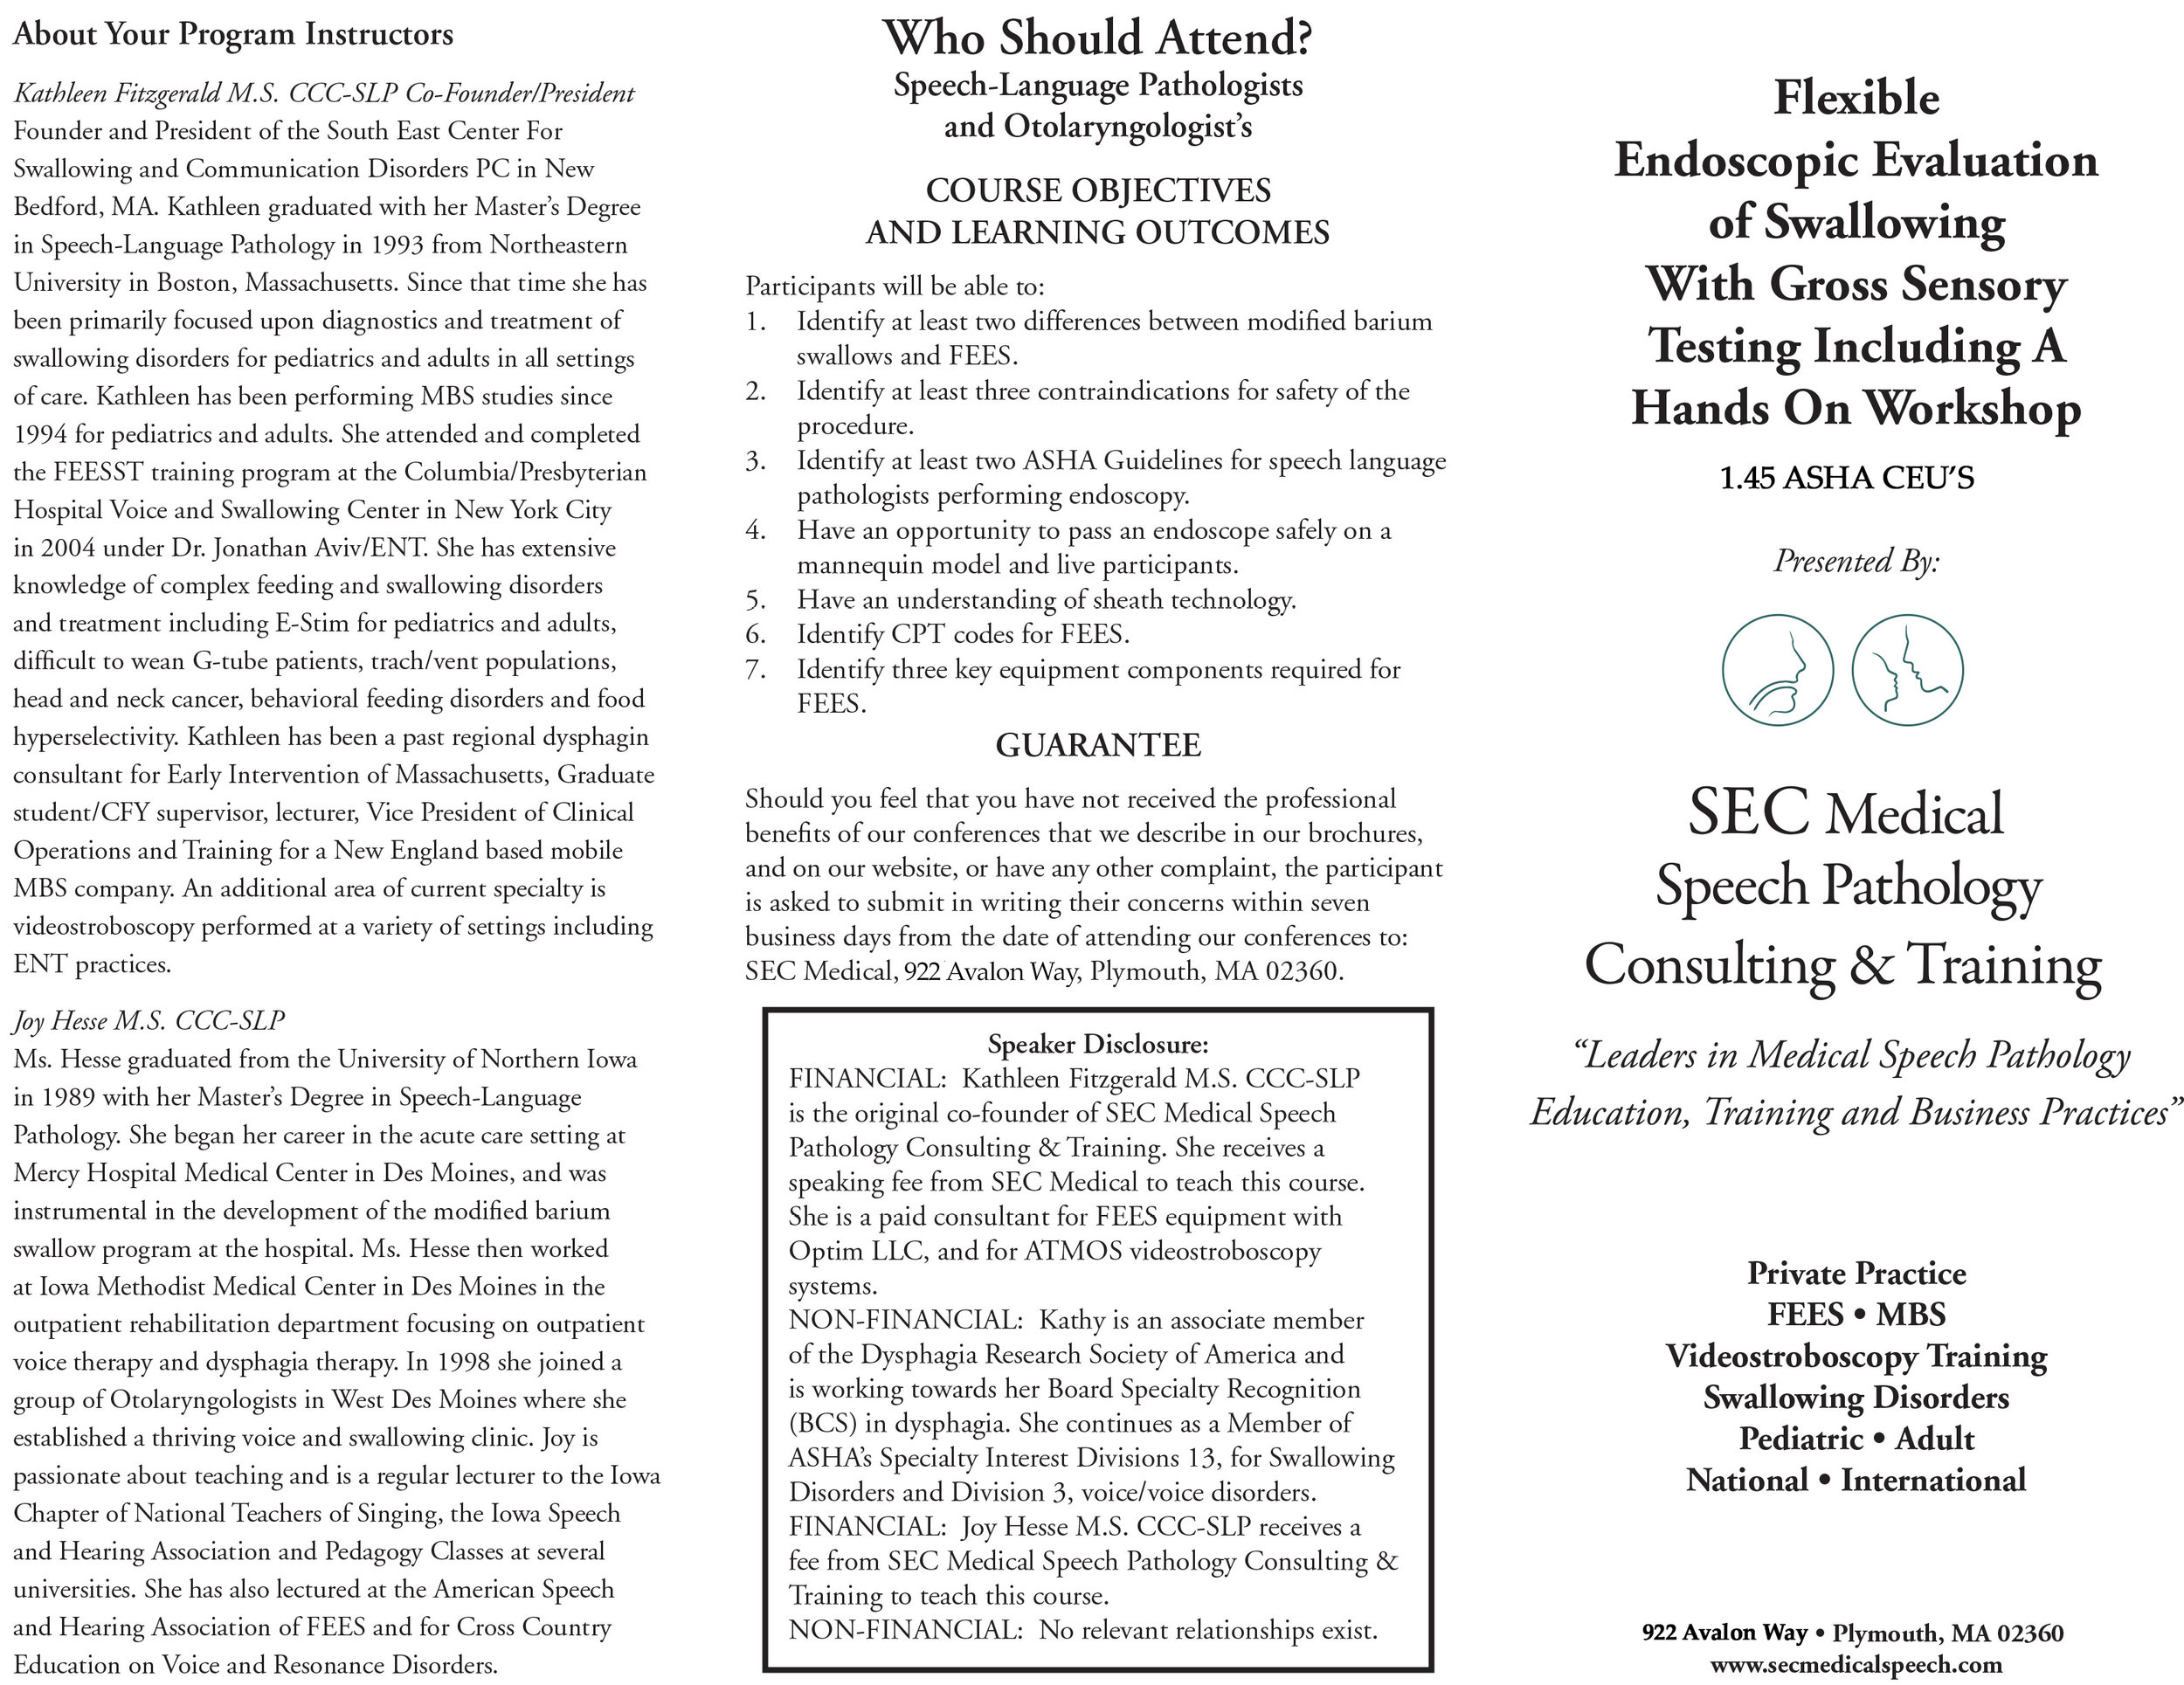 2019 FEES Brochure-Workshop515-Front.jpg